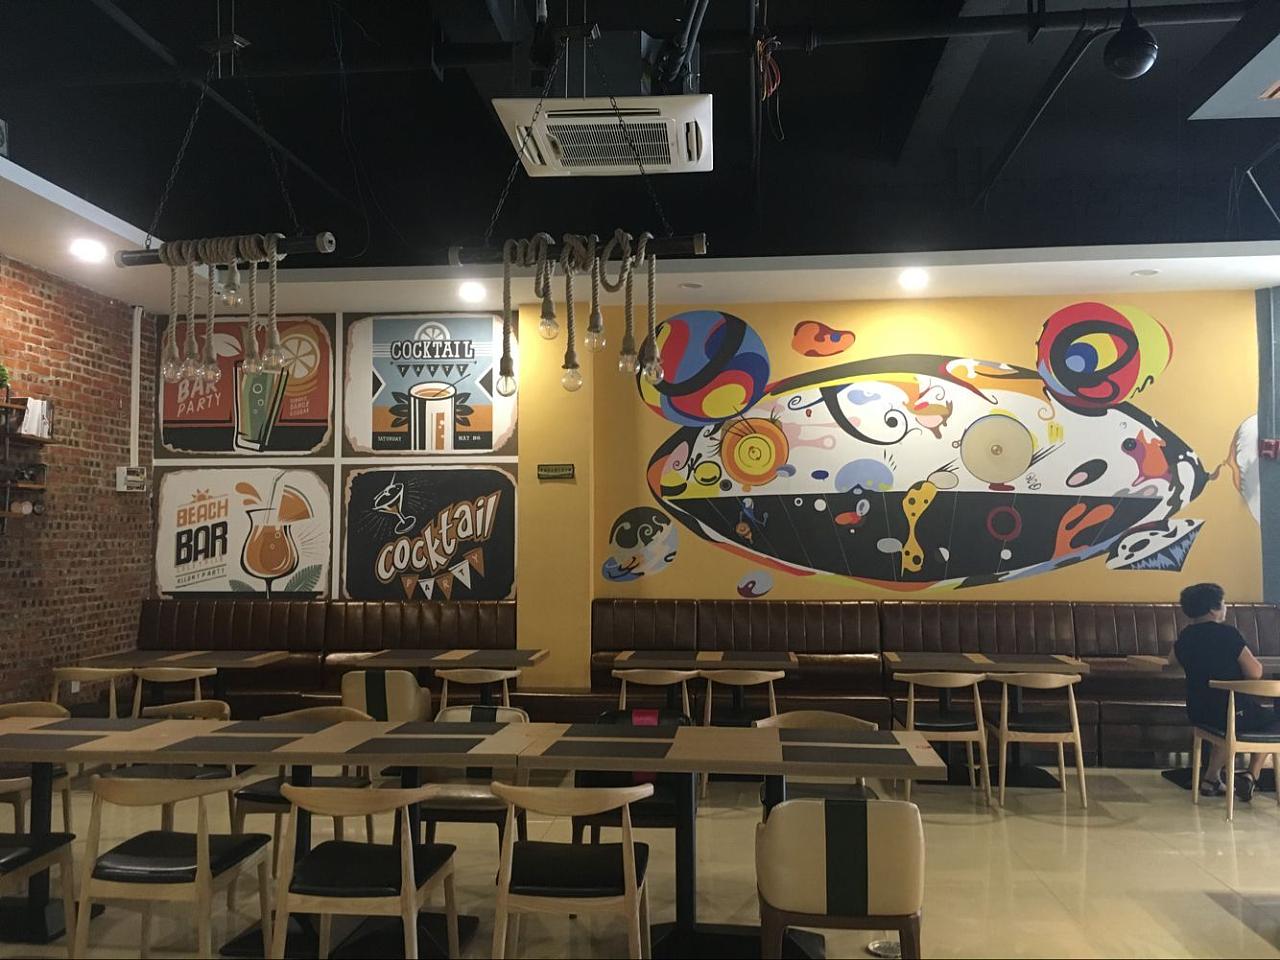 西餐店|其他|墙绘/立体画|懿轩手绘墙 - 原创作品